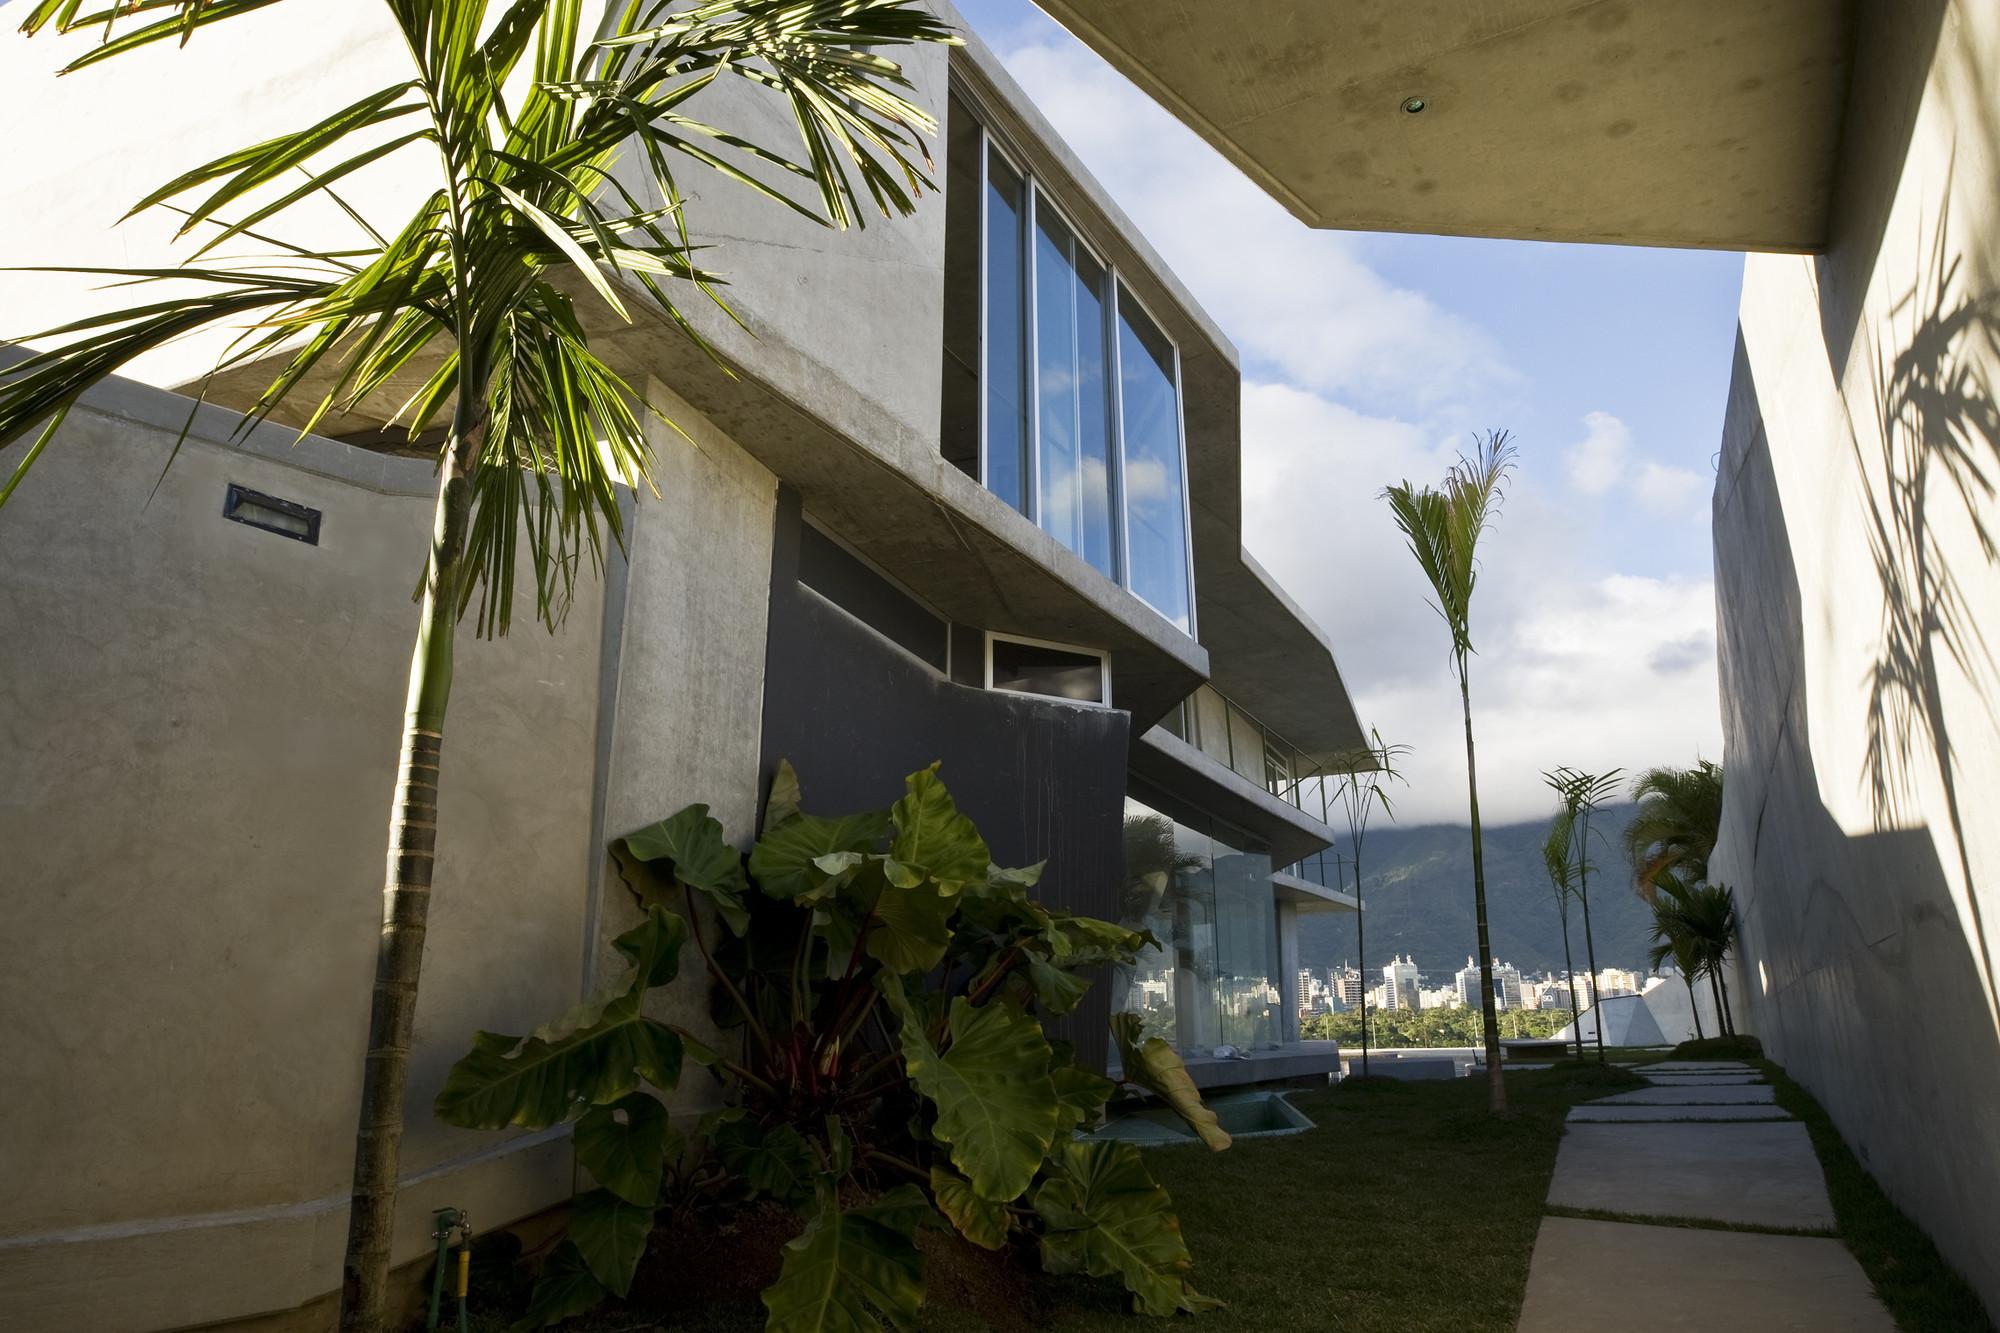 Casa MS / ODA-Oficina de Arquitectura, © Tomas Opitz